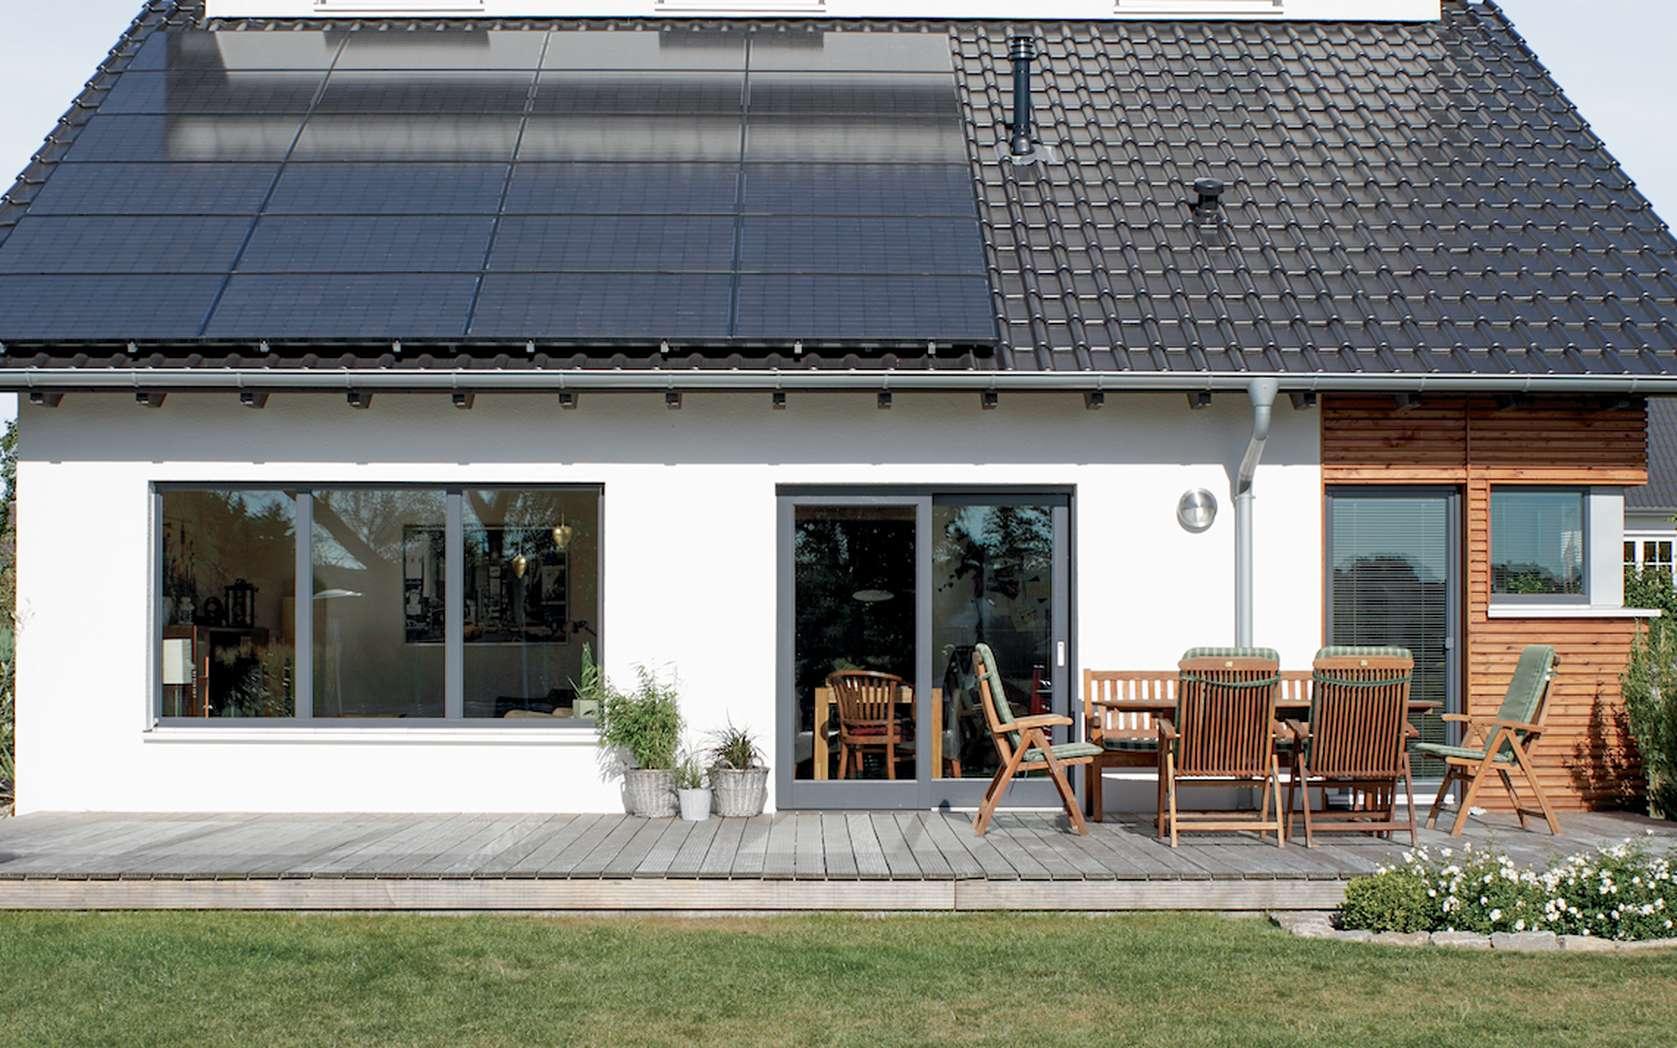 Comment parvenir à l'éco-logement en 2020 ?